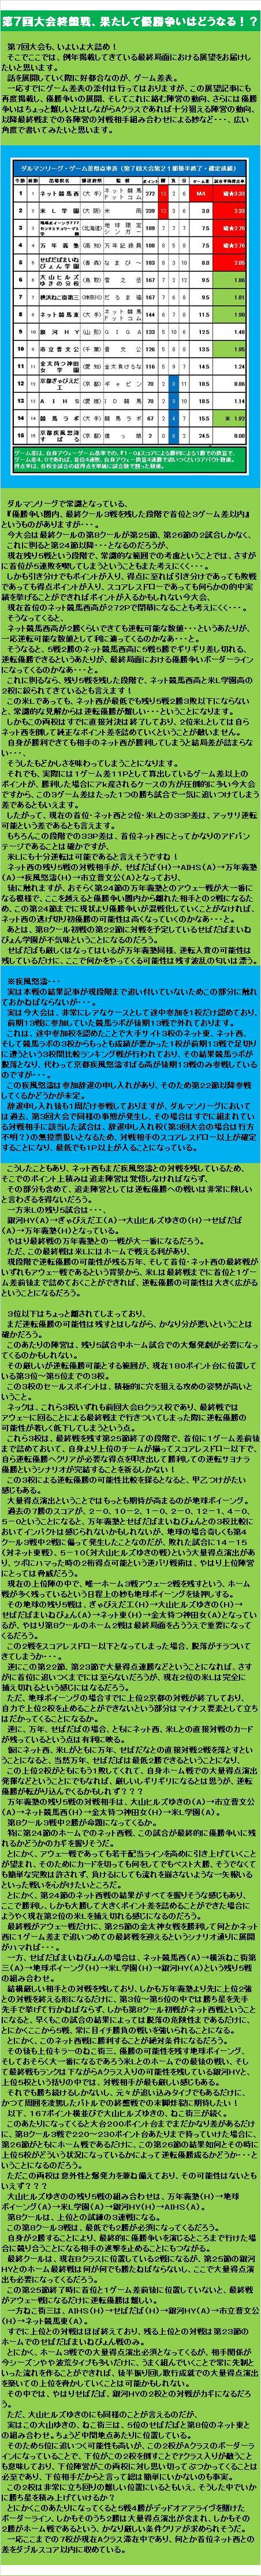 20160423・最終局面SP⑰.jpg